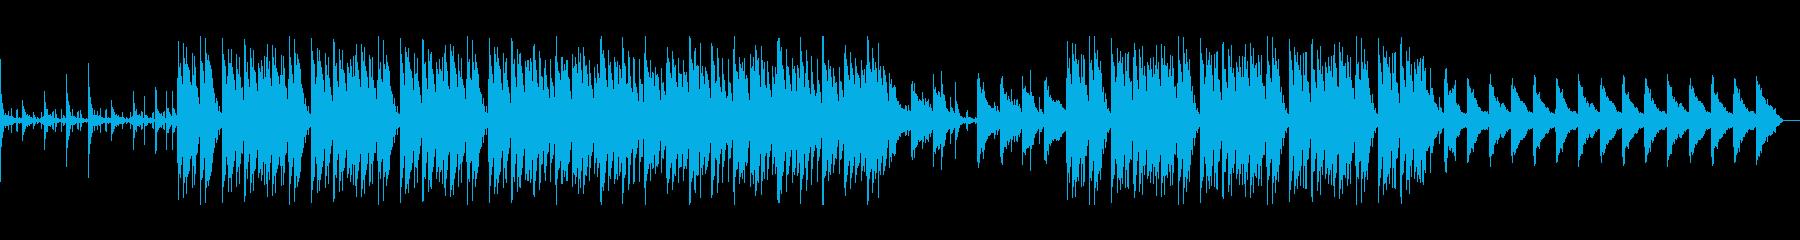 【メイン抜】アングラなHIPHOPの再生済みの波形